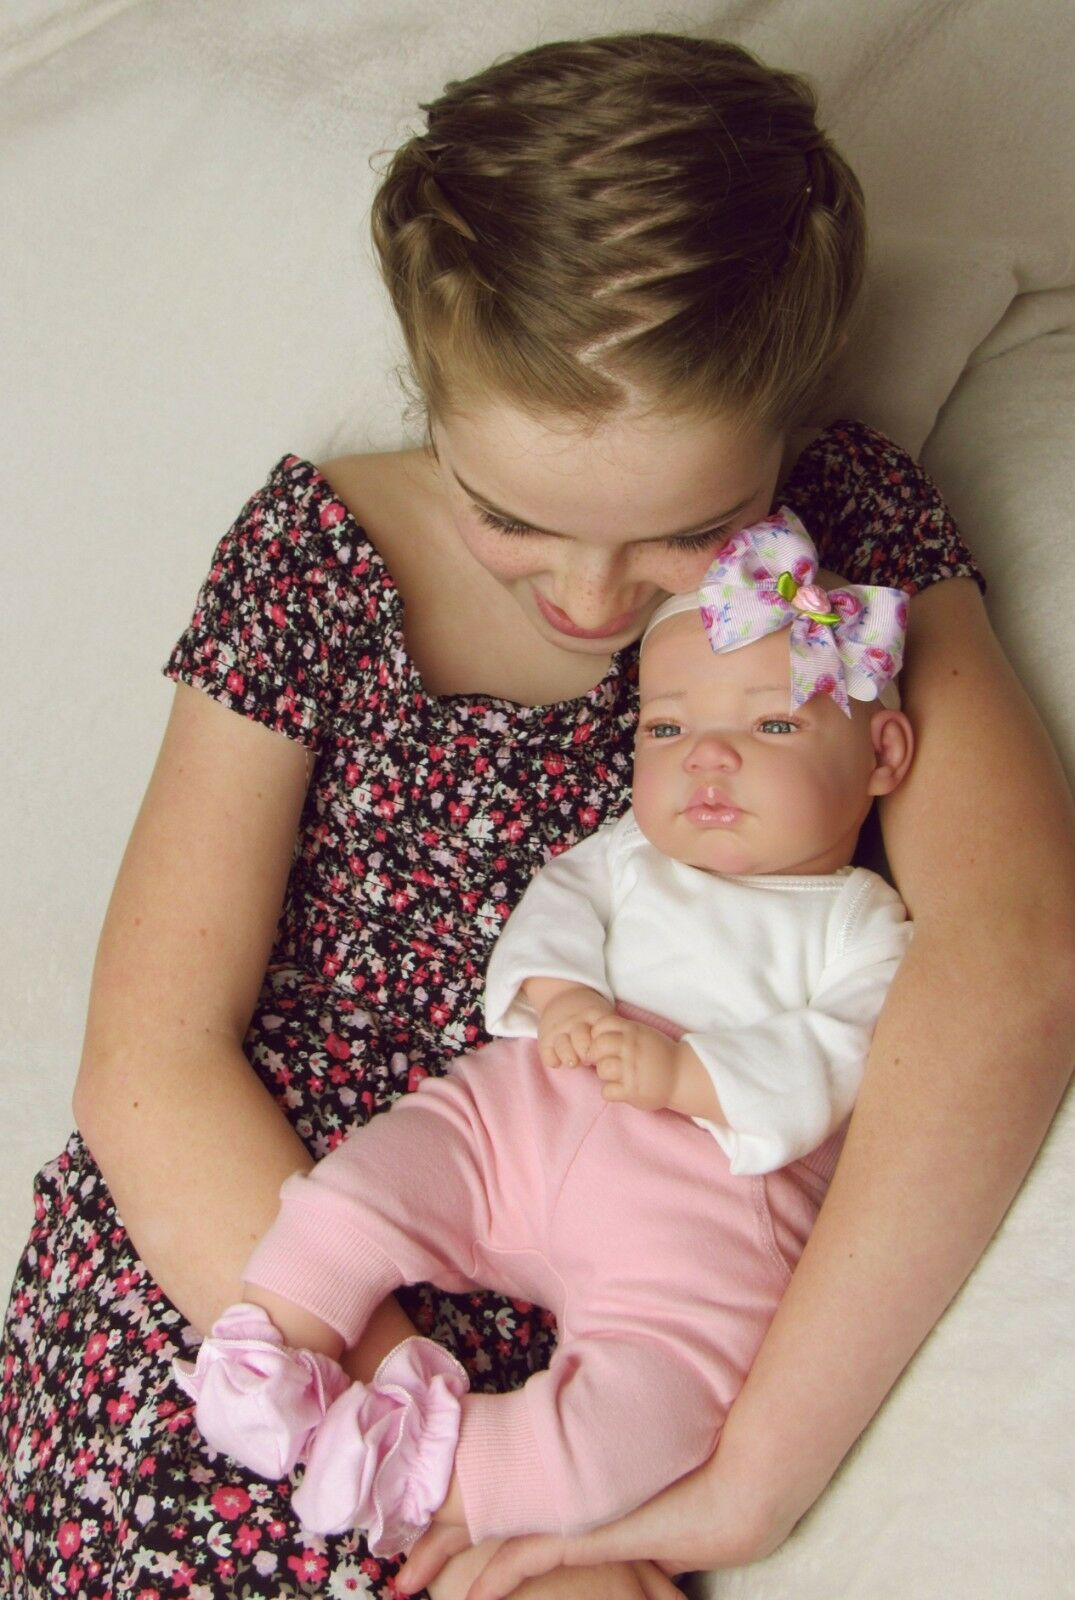 Beautiful Reborn Baby Girl Doll Ava Awake Open Open Open Blau Eyes by BabyDollArt UK 29737a